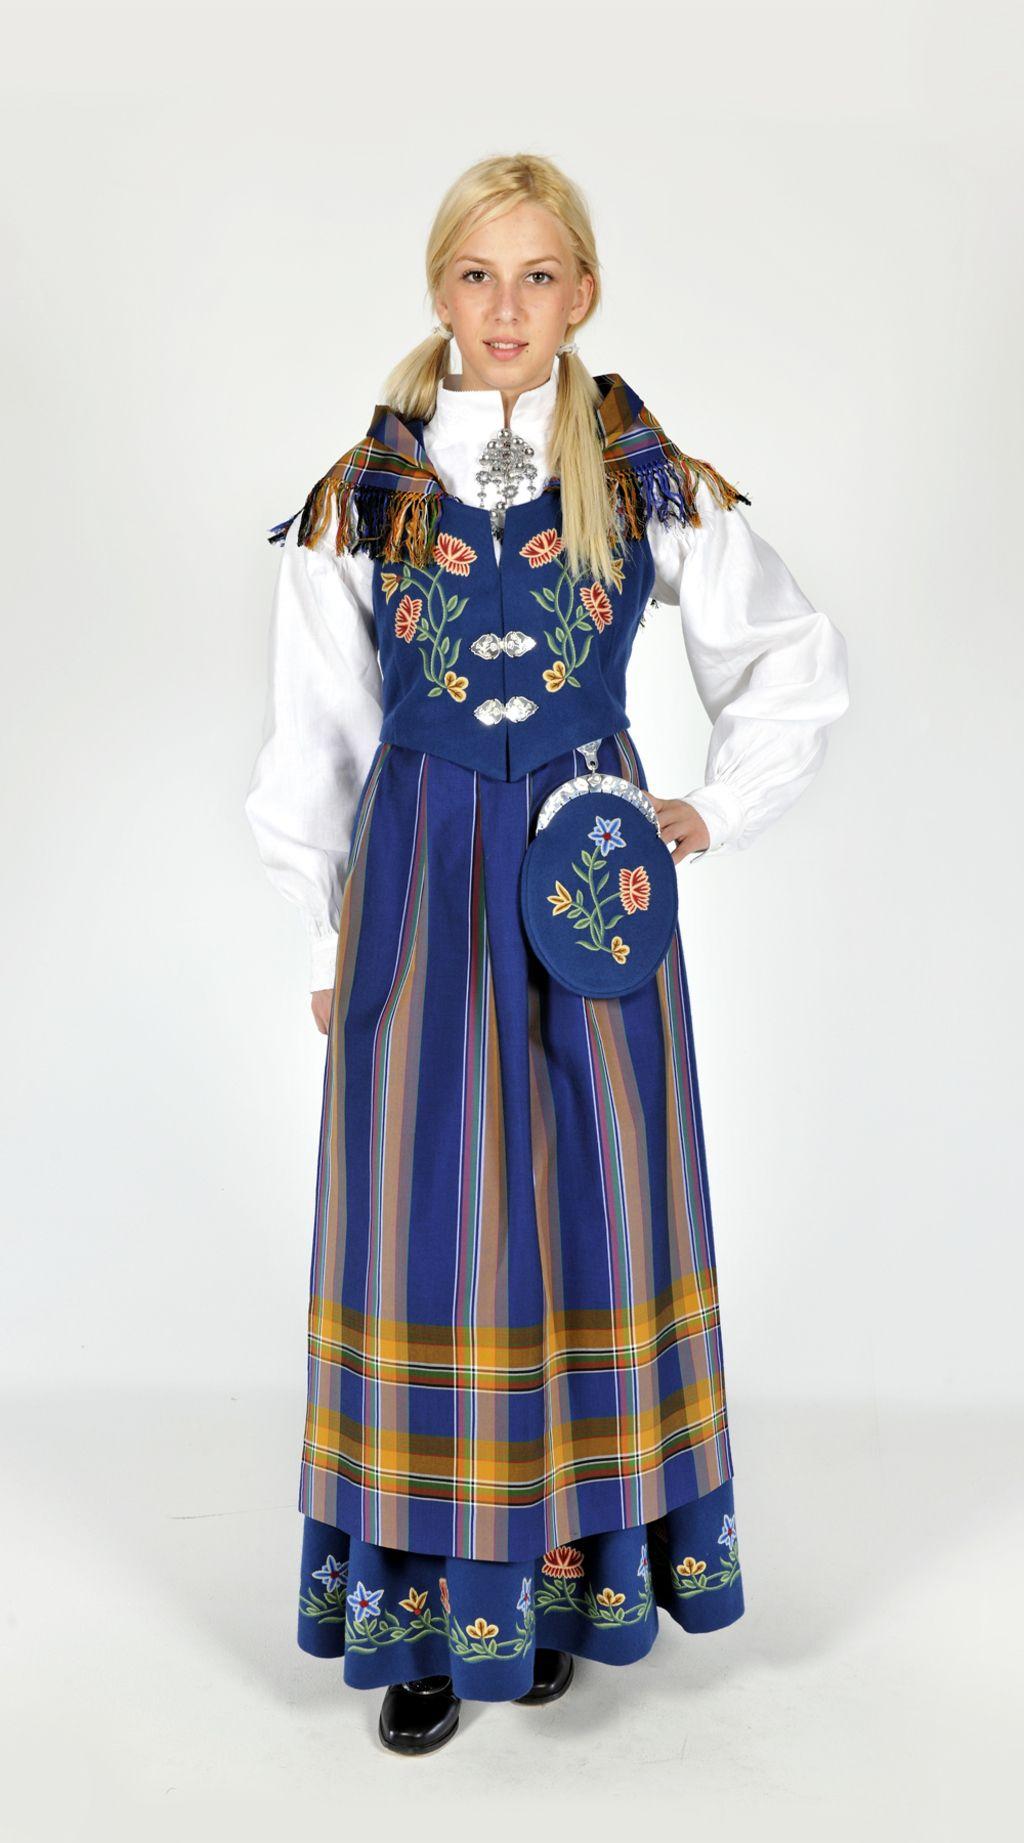 Fashions From History Scandinavian Dress Scandinavian Fashion Norwegian Clothing